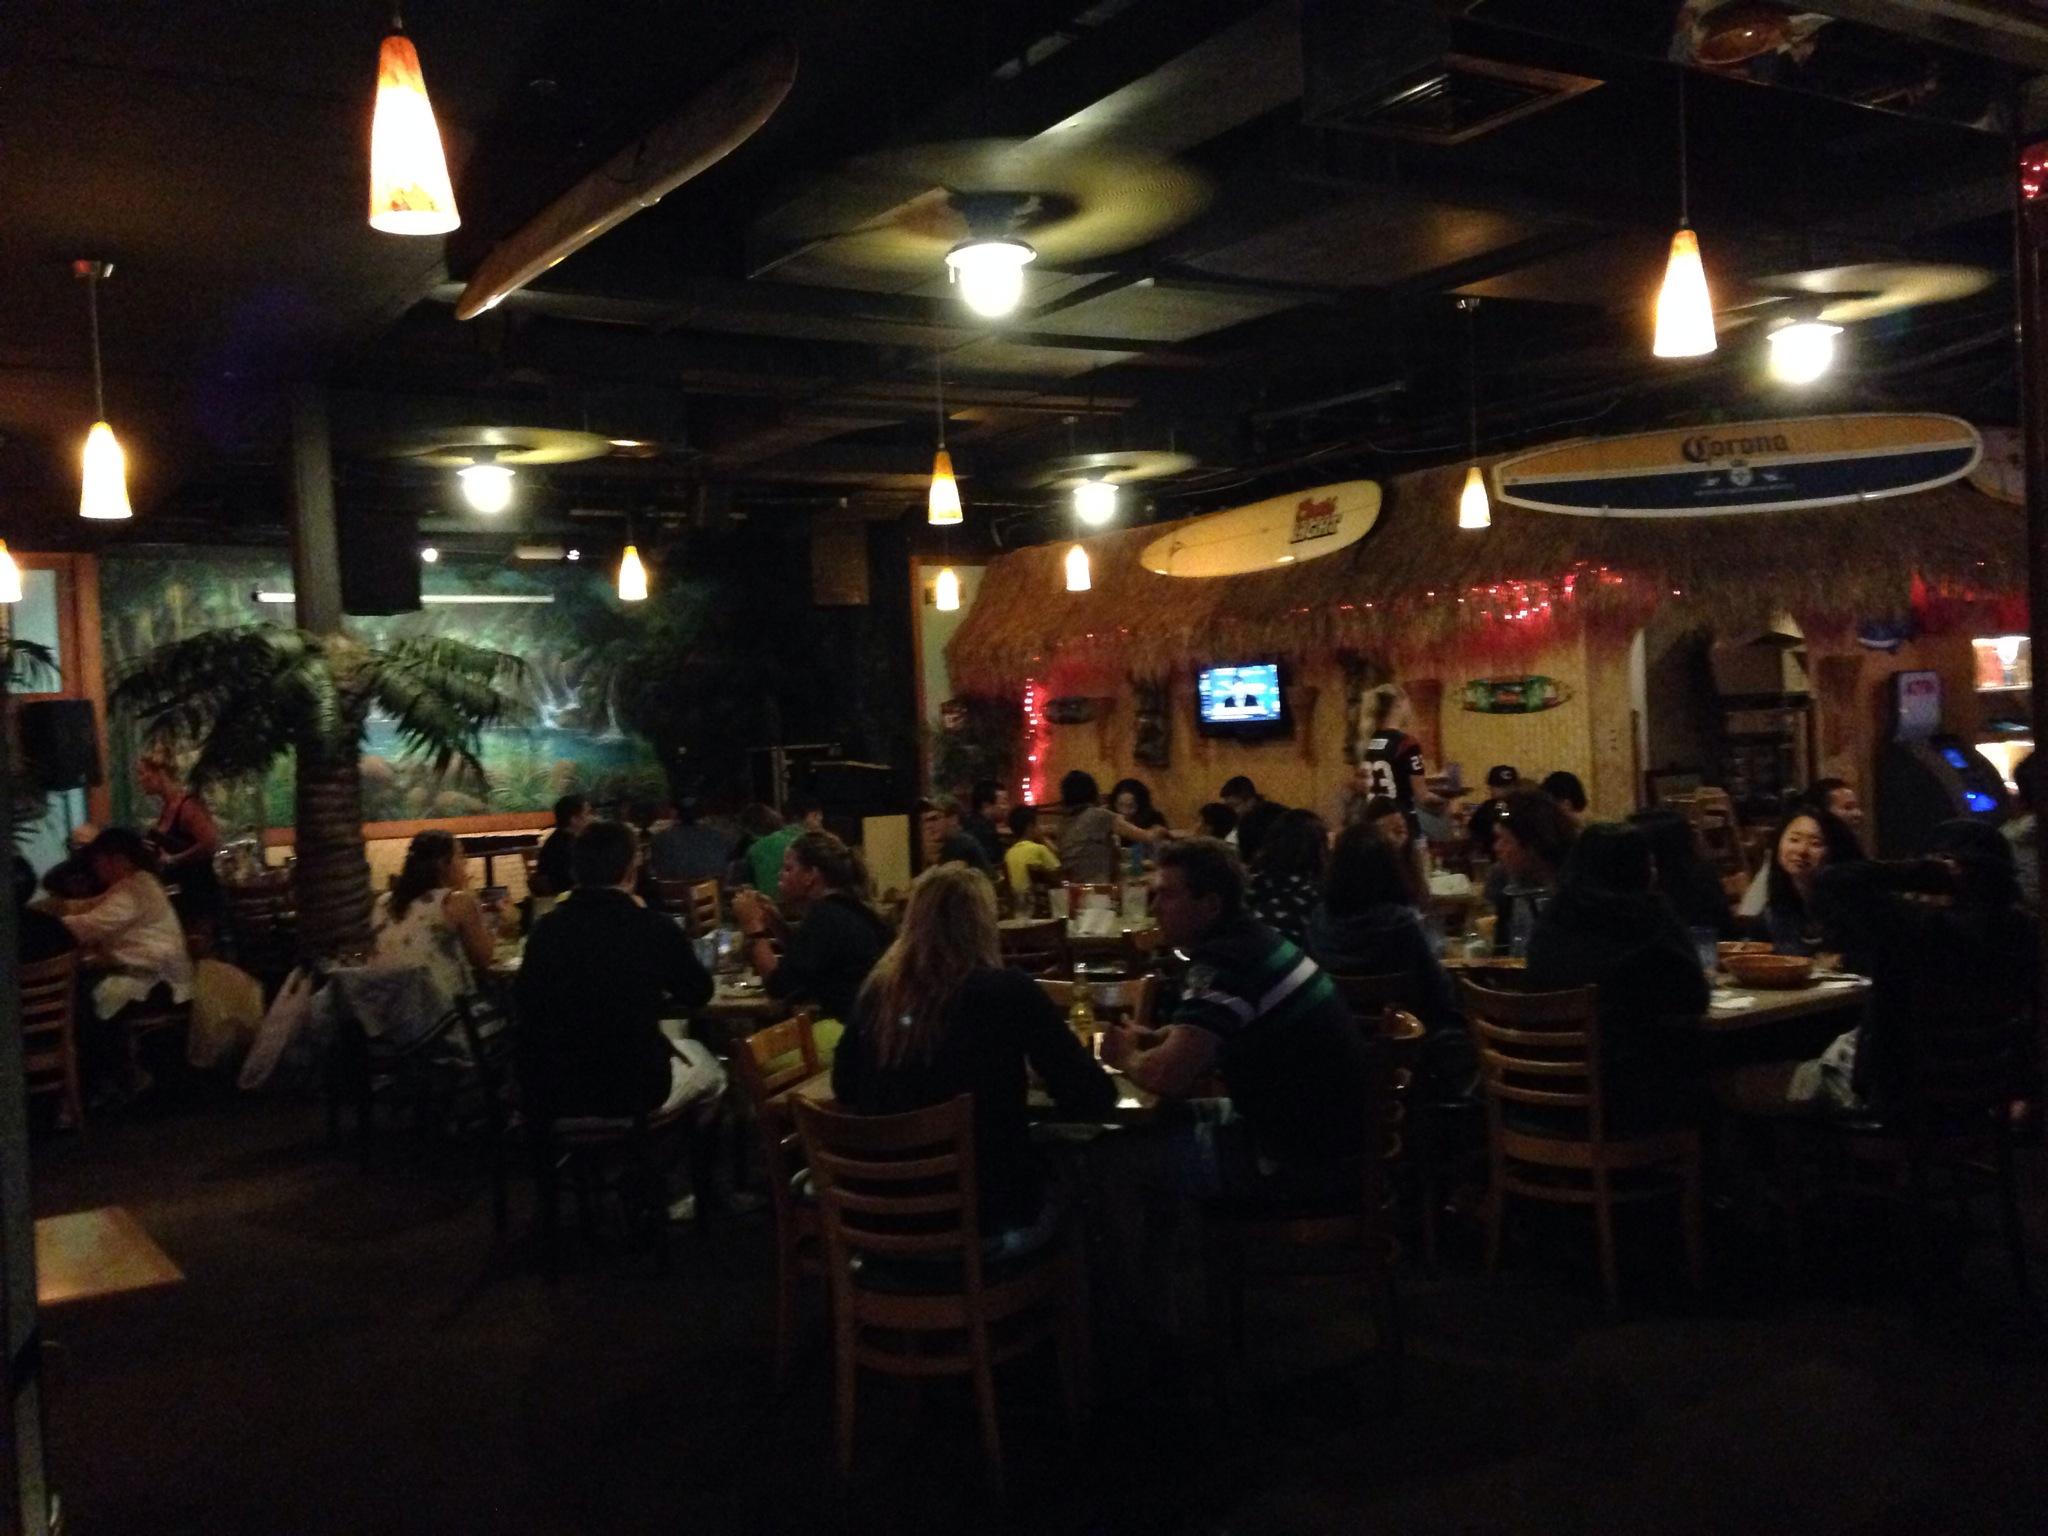 DA BIG KAHUNA WAIKIKI、日替わりビールが何杯でも3ドル、深夜まで飲み語らいができるメキシカンレストラン!